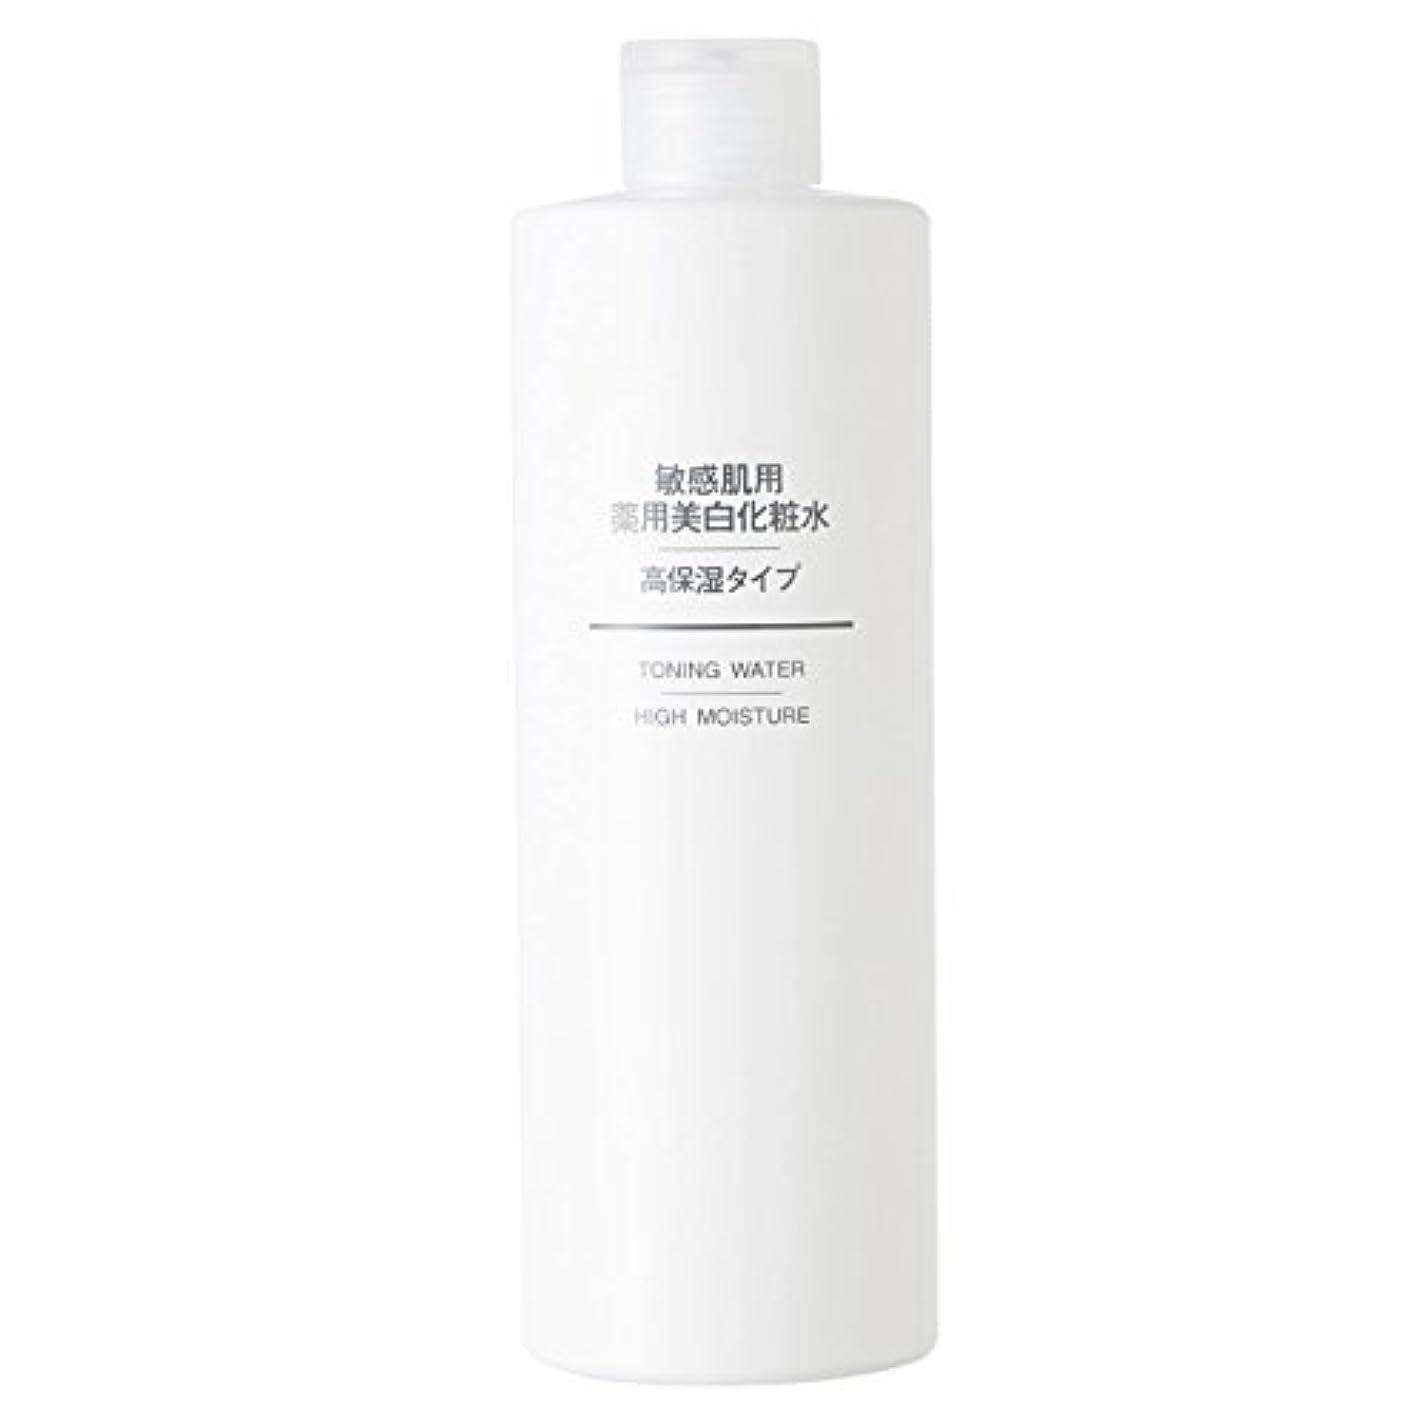 累計用心主人無印良品 敏感肌用薬用美白化粧水?高保湿タイプ(大容量) (新)400ml